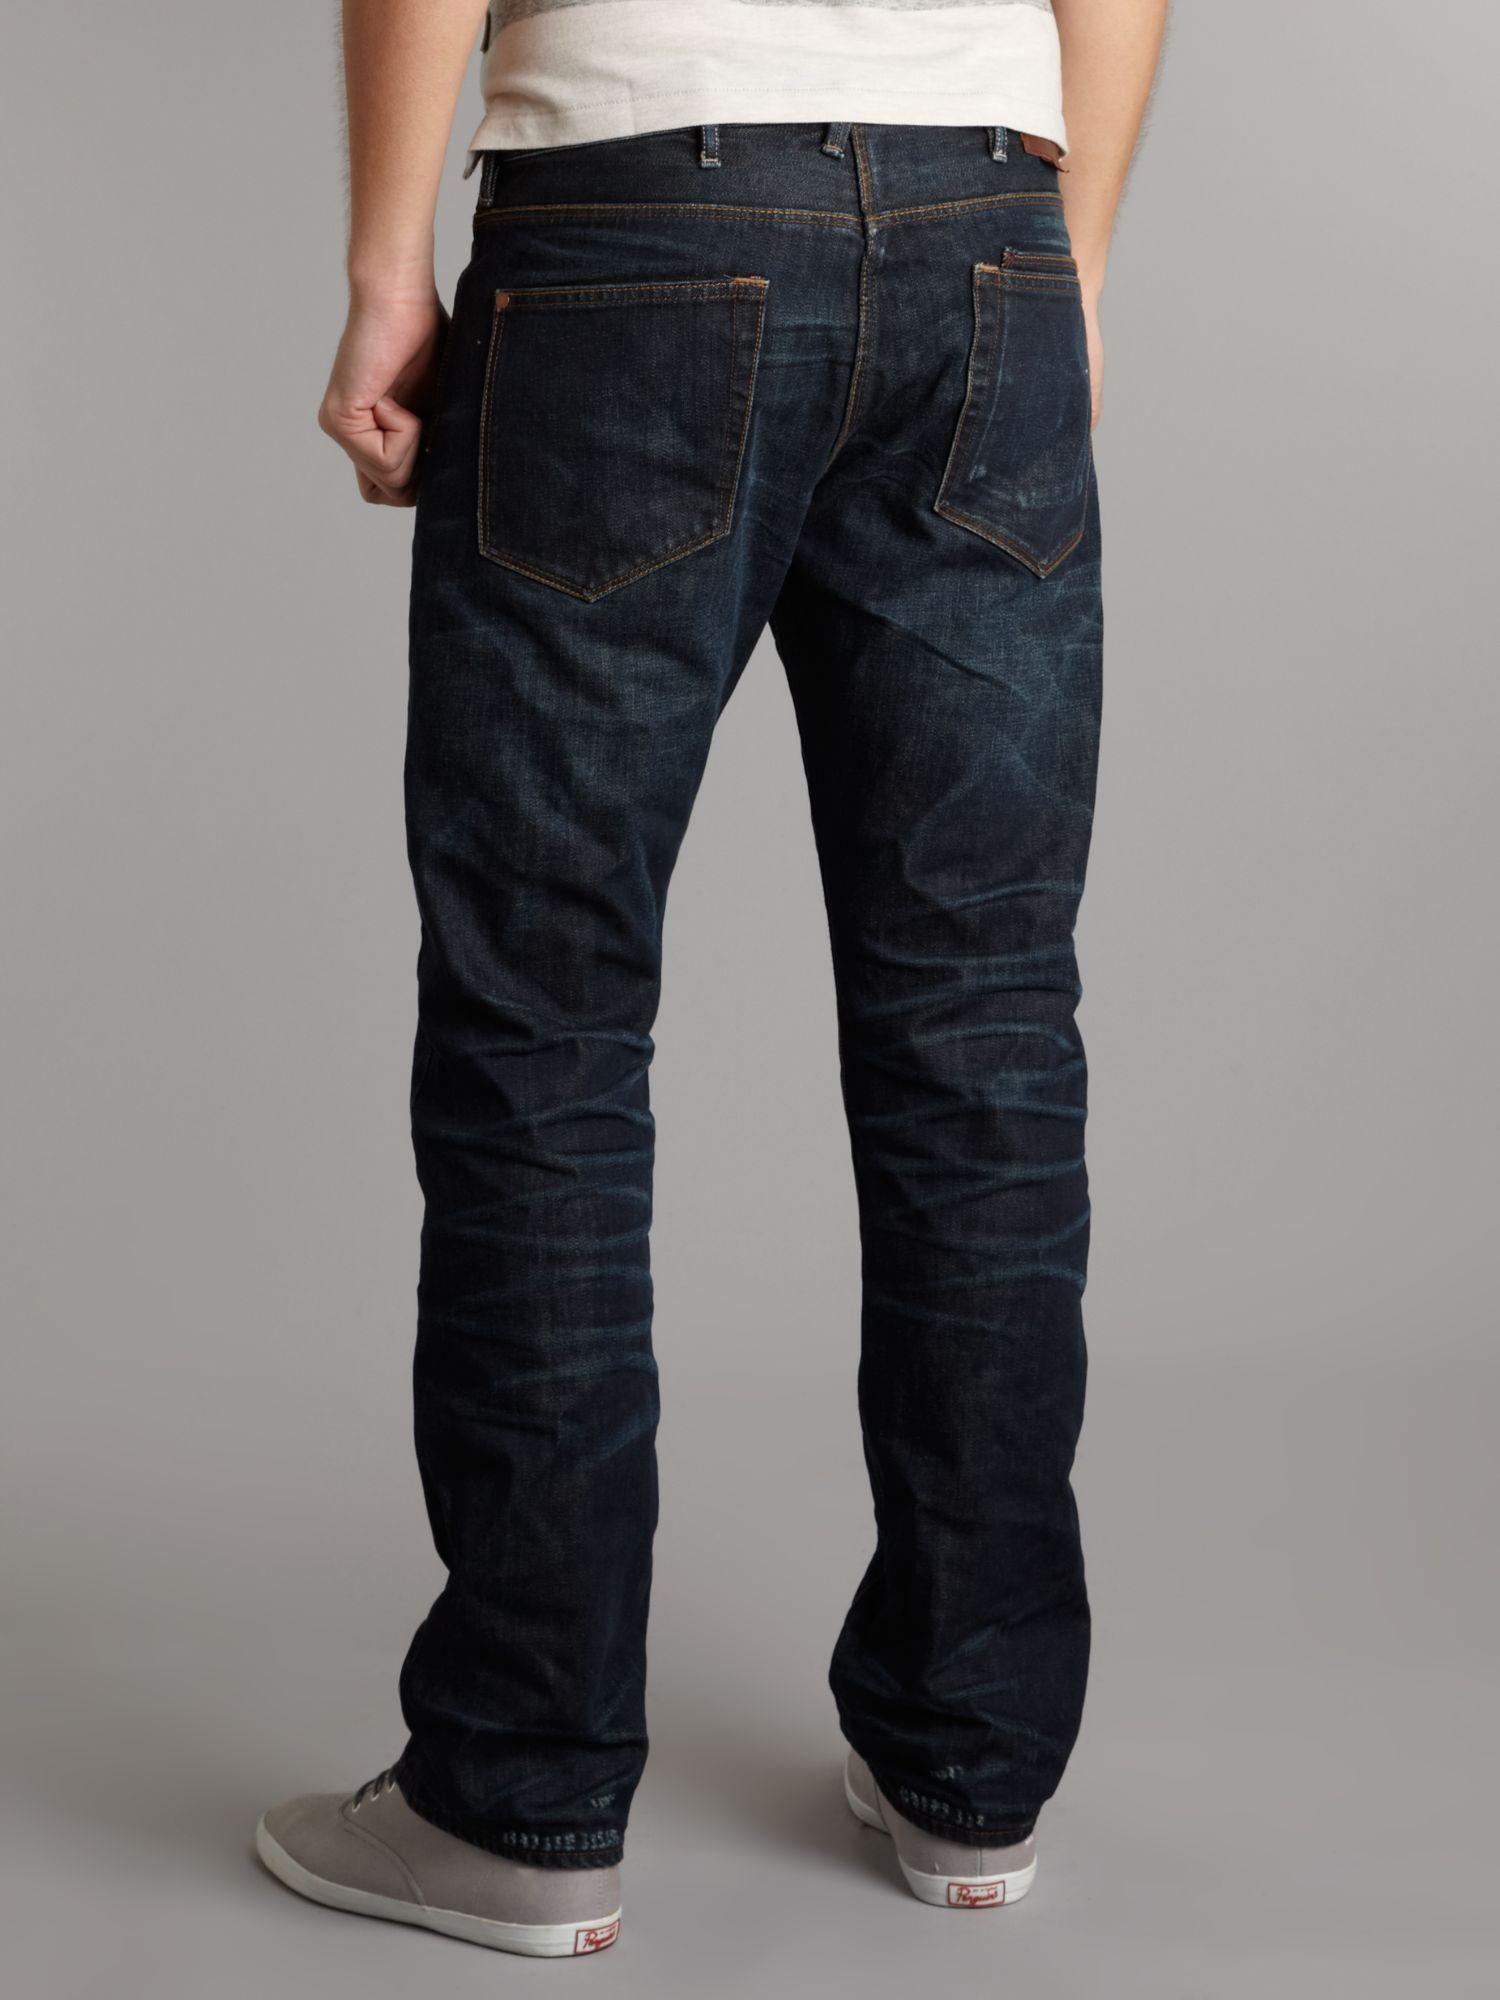 Paul Smith Selvedge Denim Jeans in Blue for Men